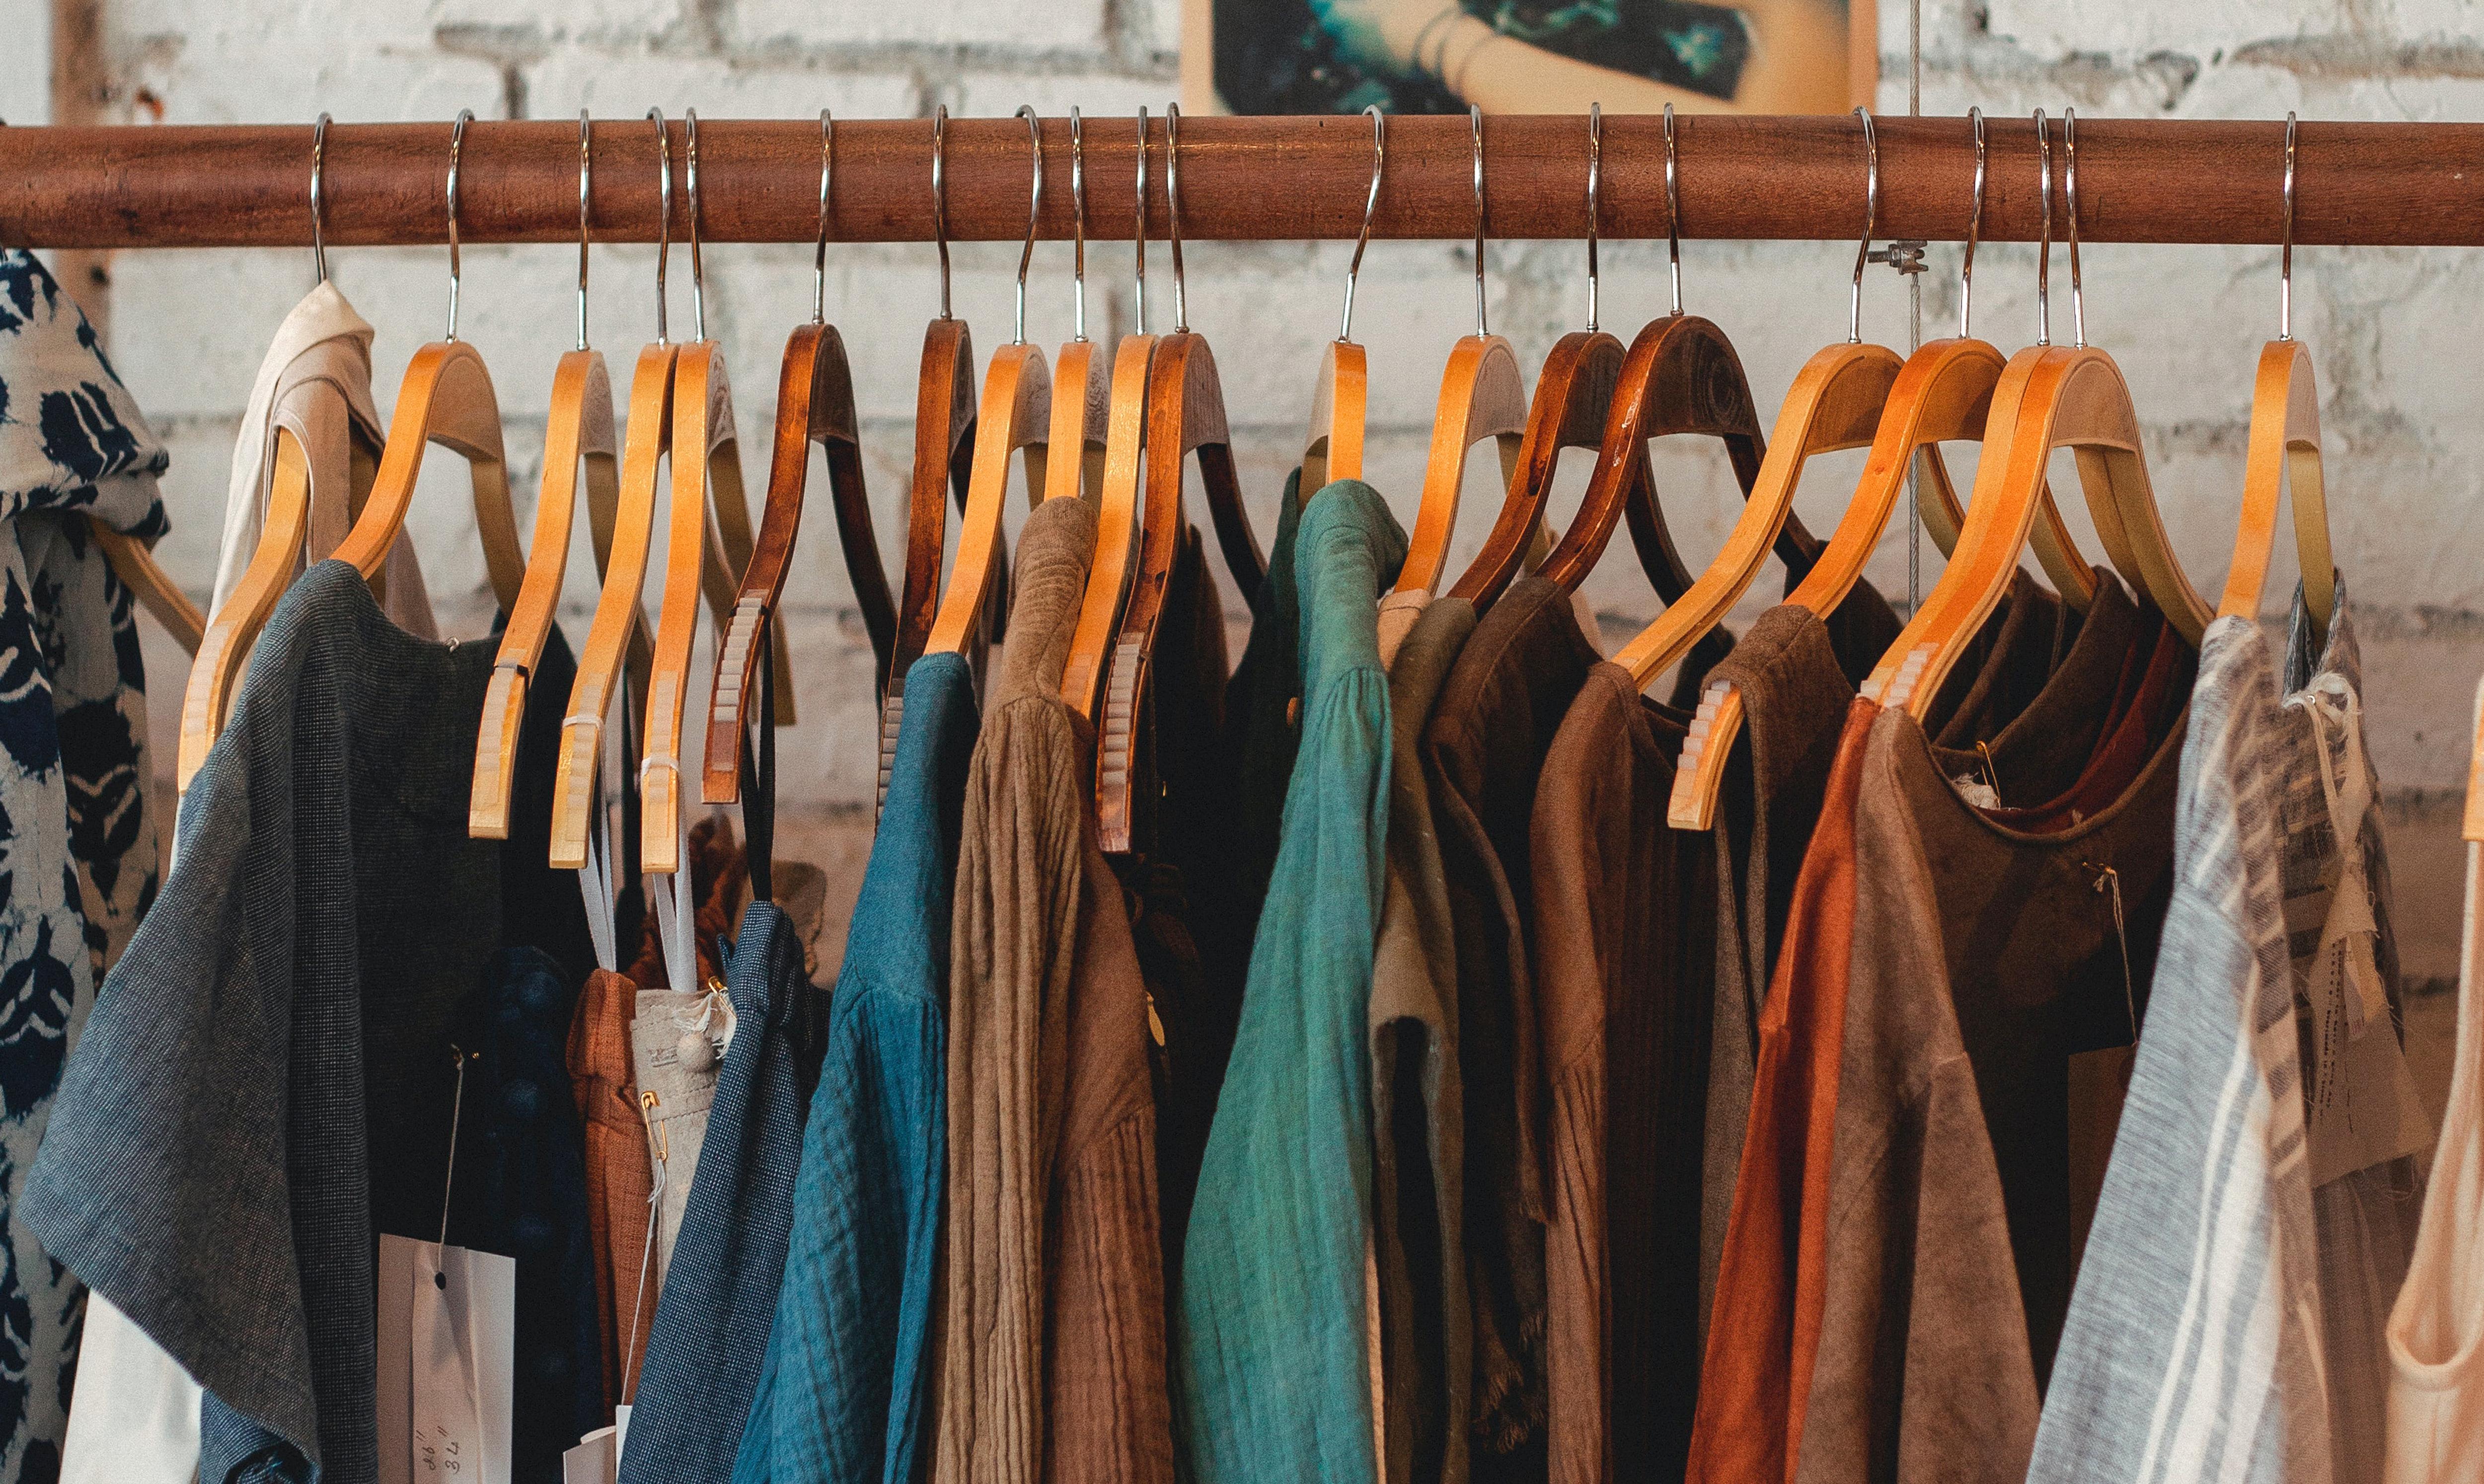 Обмен одеждой, аксессуарами и обувью: в Екатеринбурге пройдет женский своп-клуб